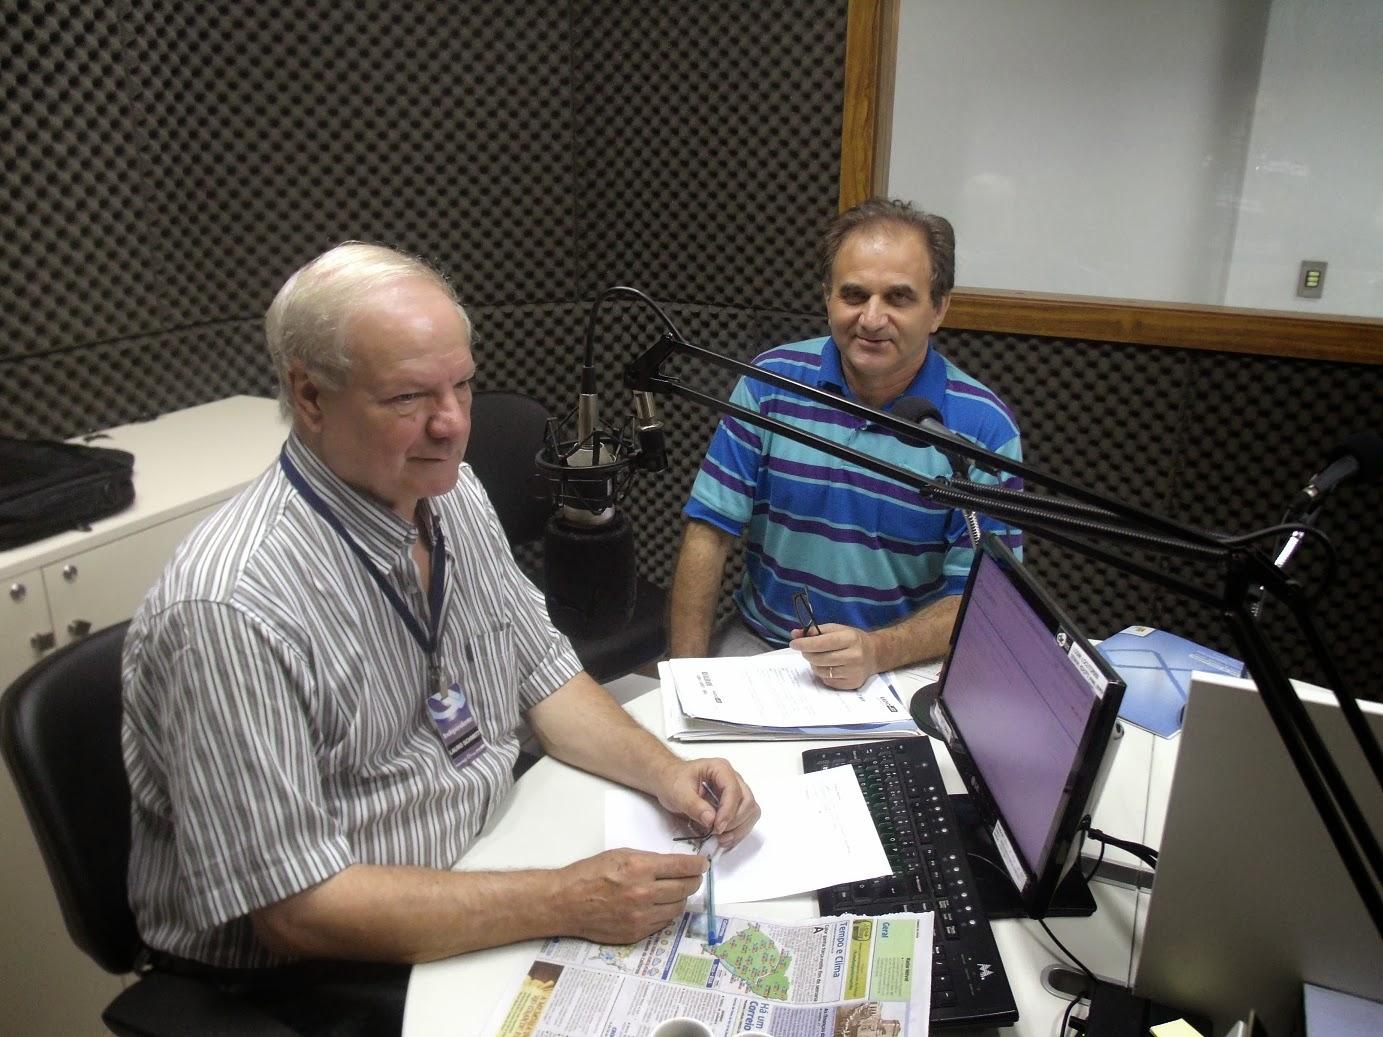 Airton Engster dos Santos e Lauro Evaldo Schmidt